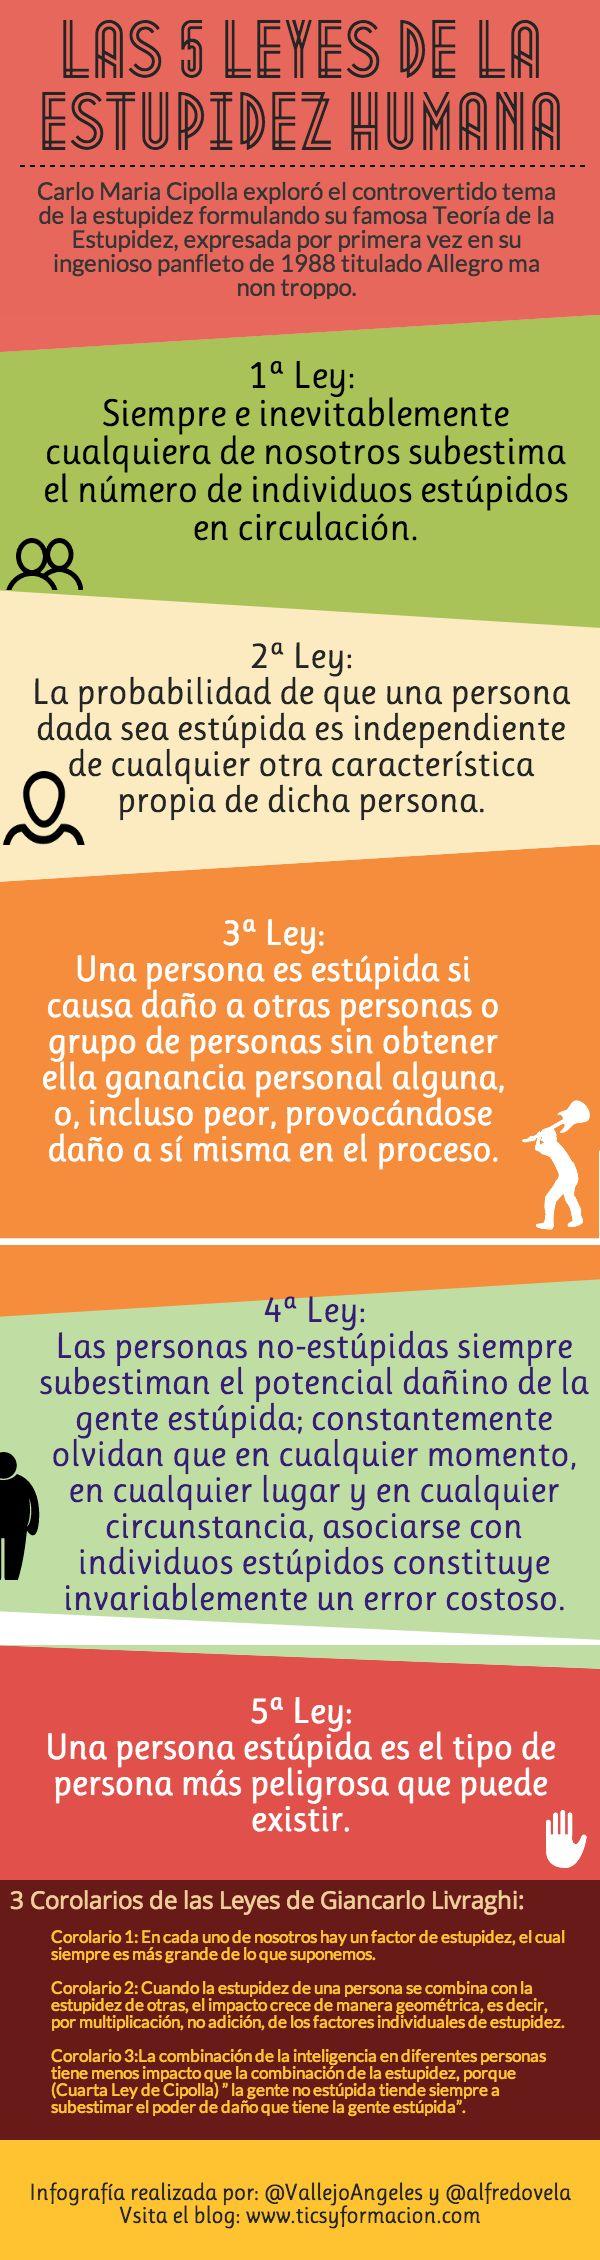 Las 5 leyes de la Estupidez Humana (Carlos María Cipolla) y 3 corolarios. #infografia